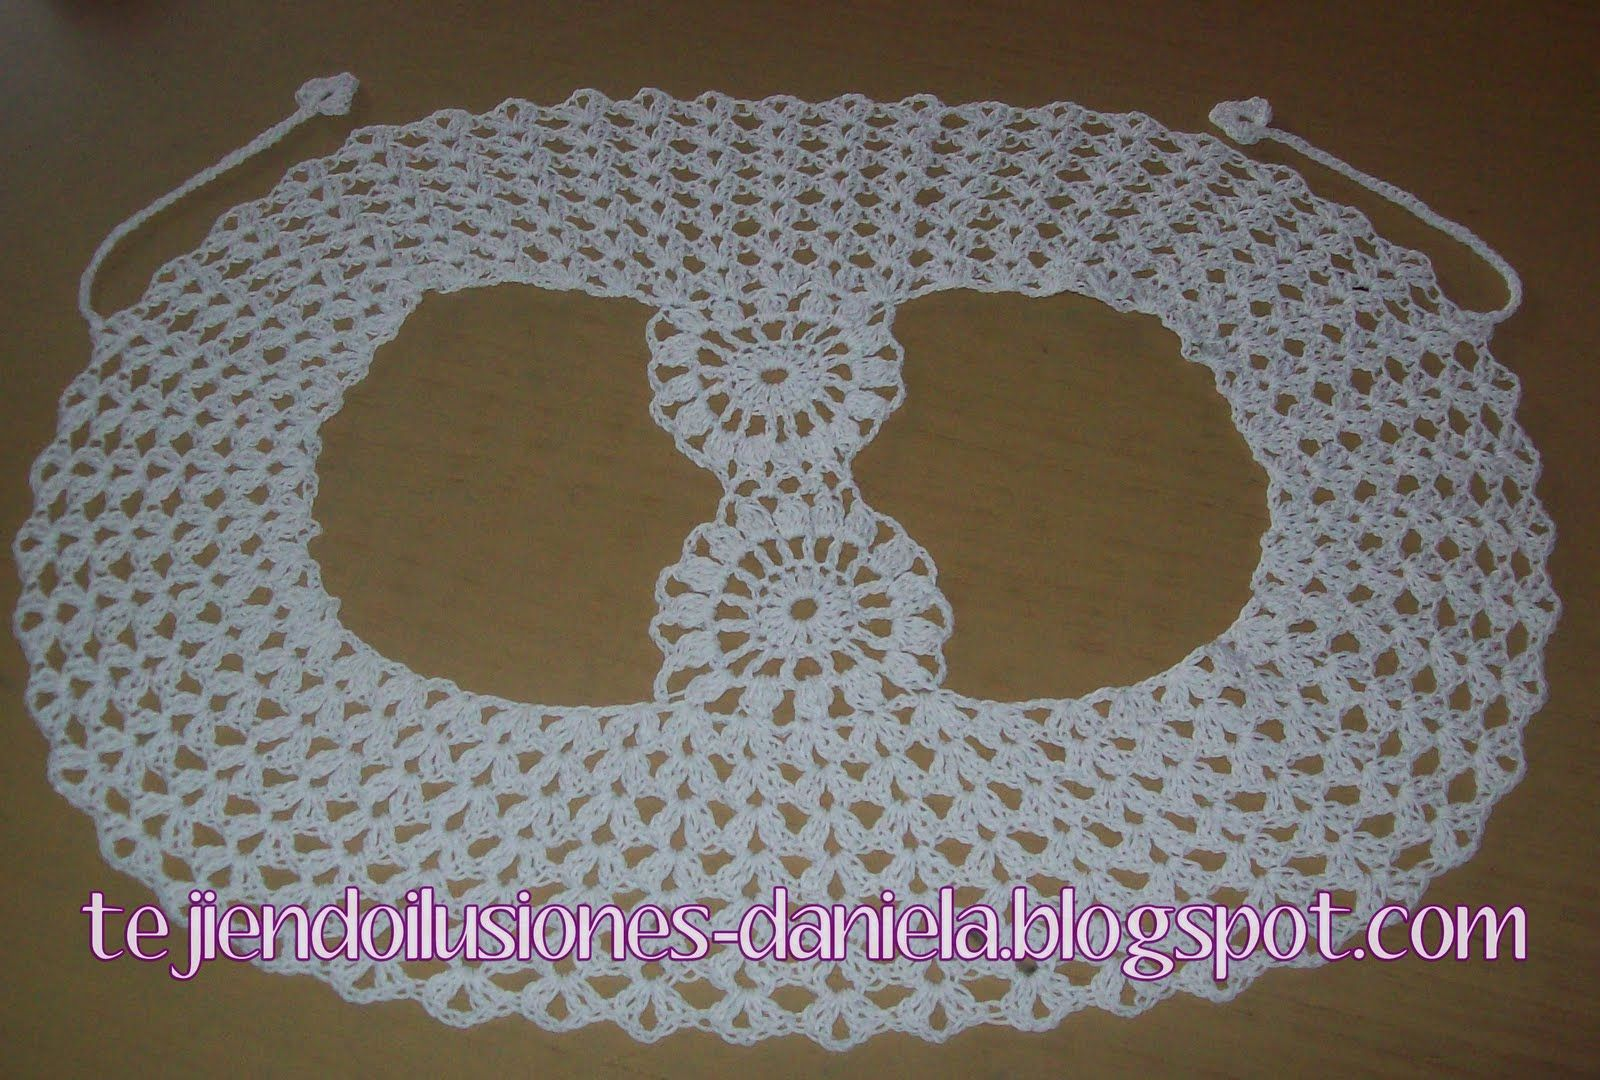 tejido crochet y artesanías: Chaleco redondo: nuevo modelo ...